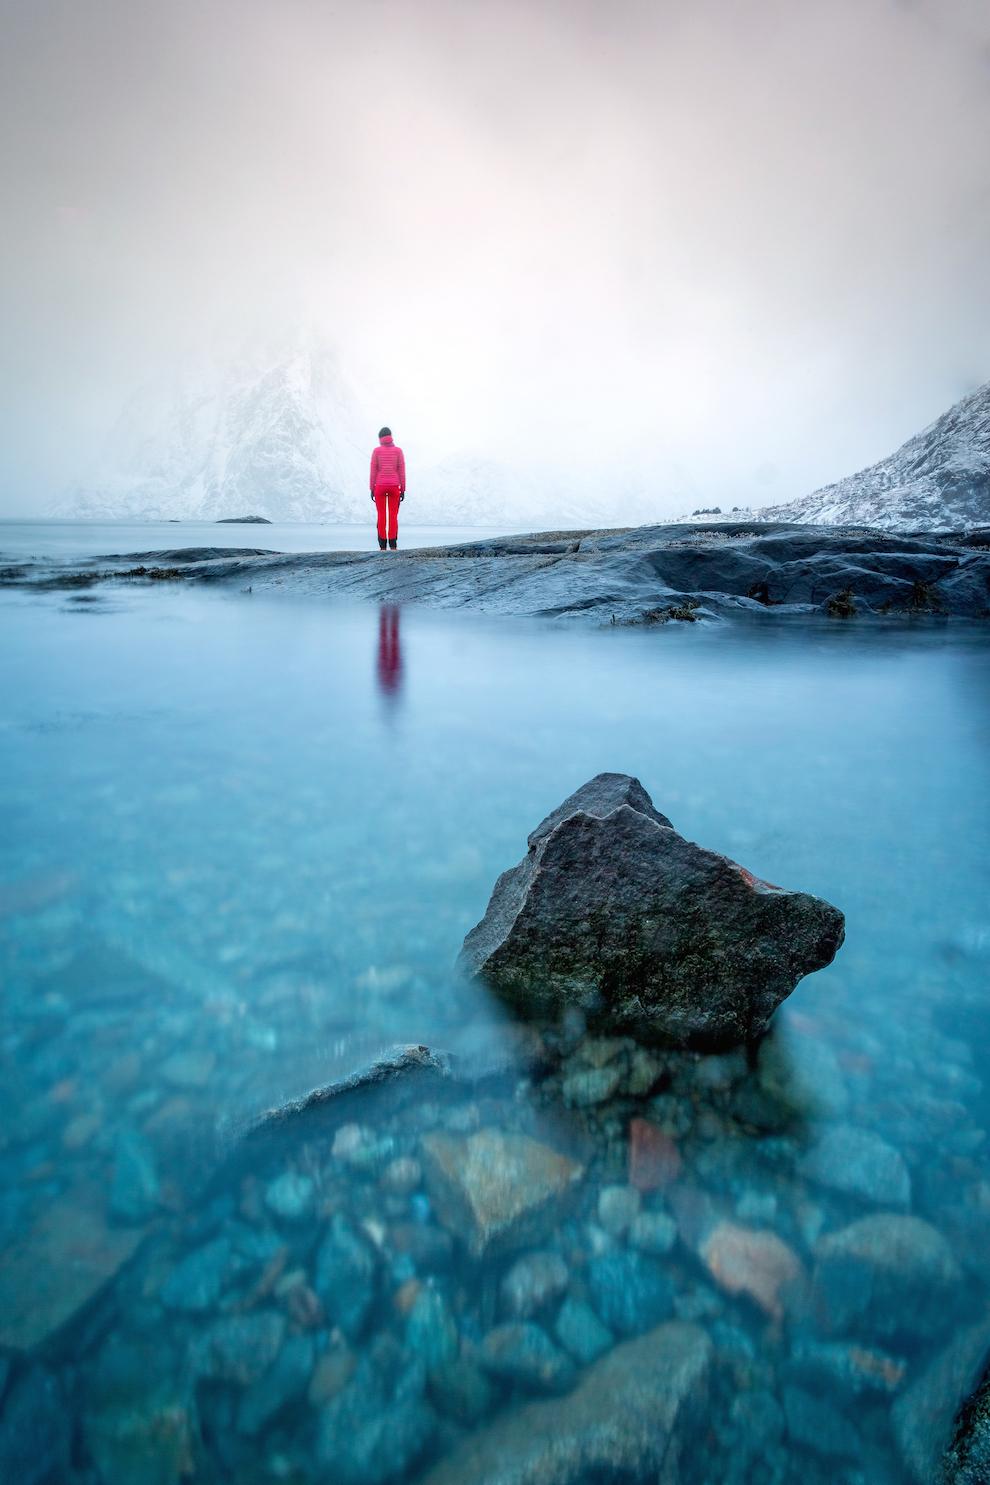 Vremea este extrem de schimbatoare in Insulele Lofoten. Atunci cand locuiesti deasupra Cercului Polar, incetezi sa iti mai faci probleme legate de vreme. Orice vreme este vreme buna. Totul e sa te imbraci adecvat.